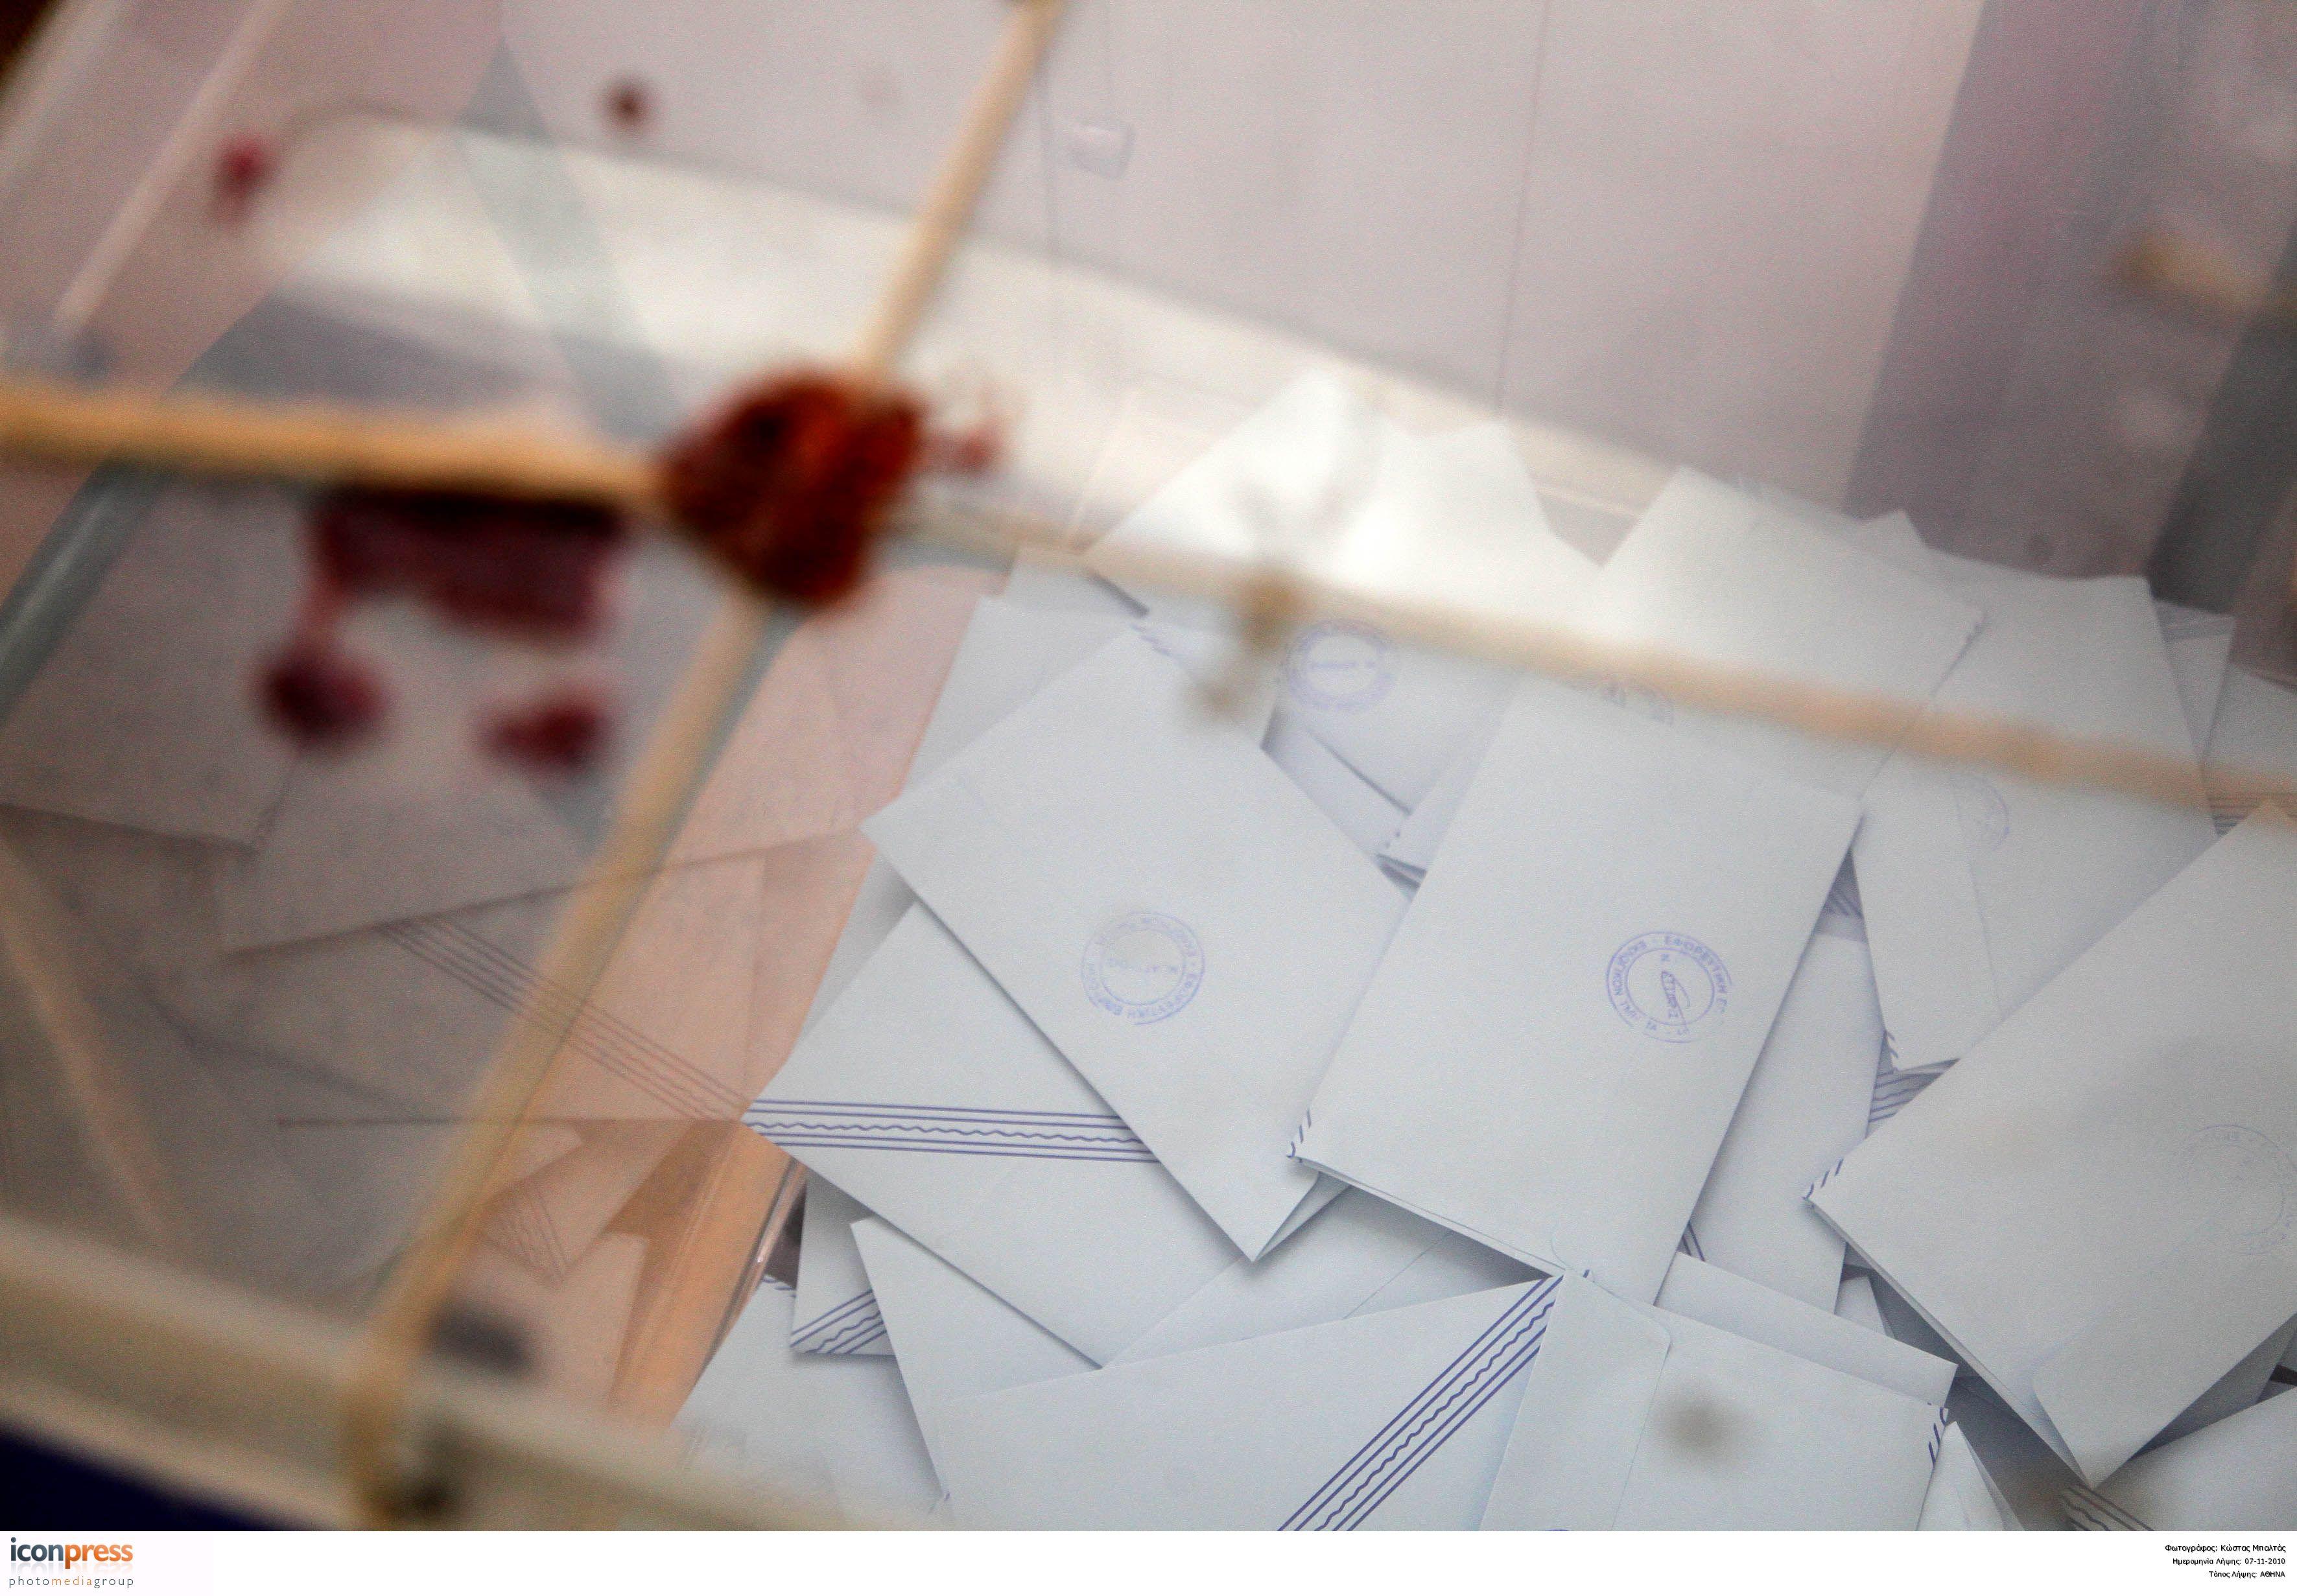 Ποιοι εξελέγησαν βουλευτές Επικρατείας | tovima.gr